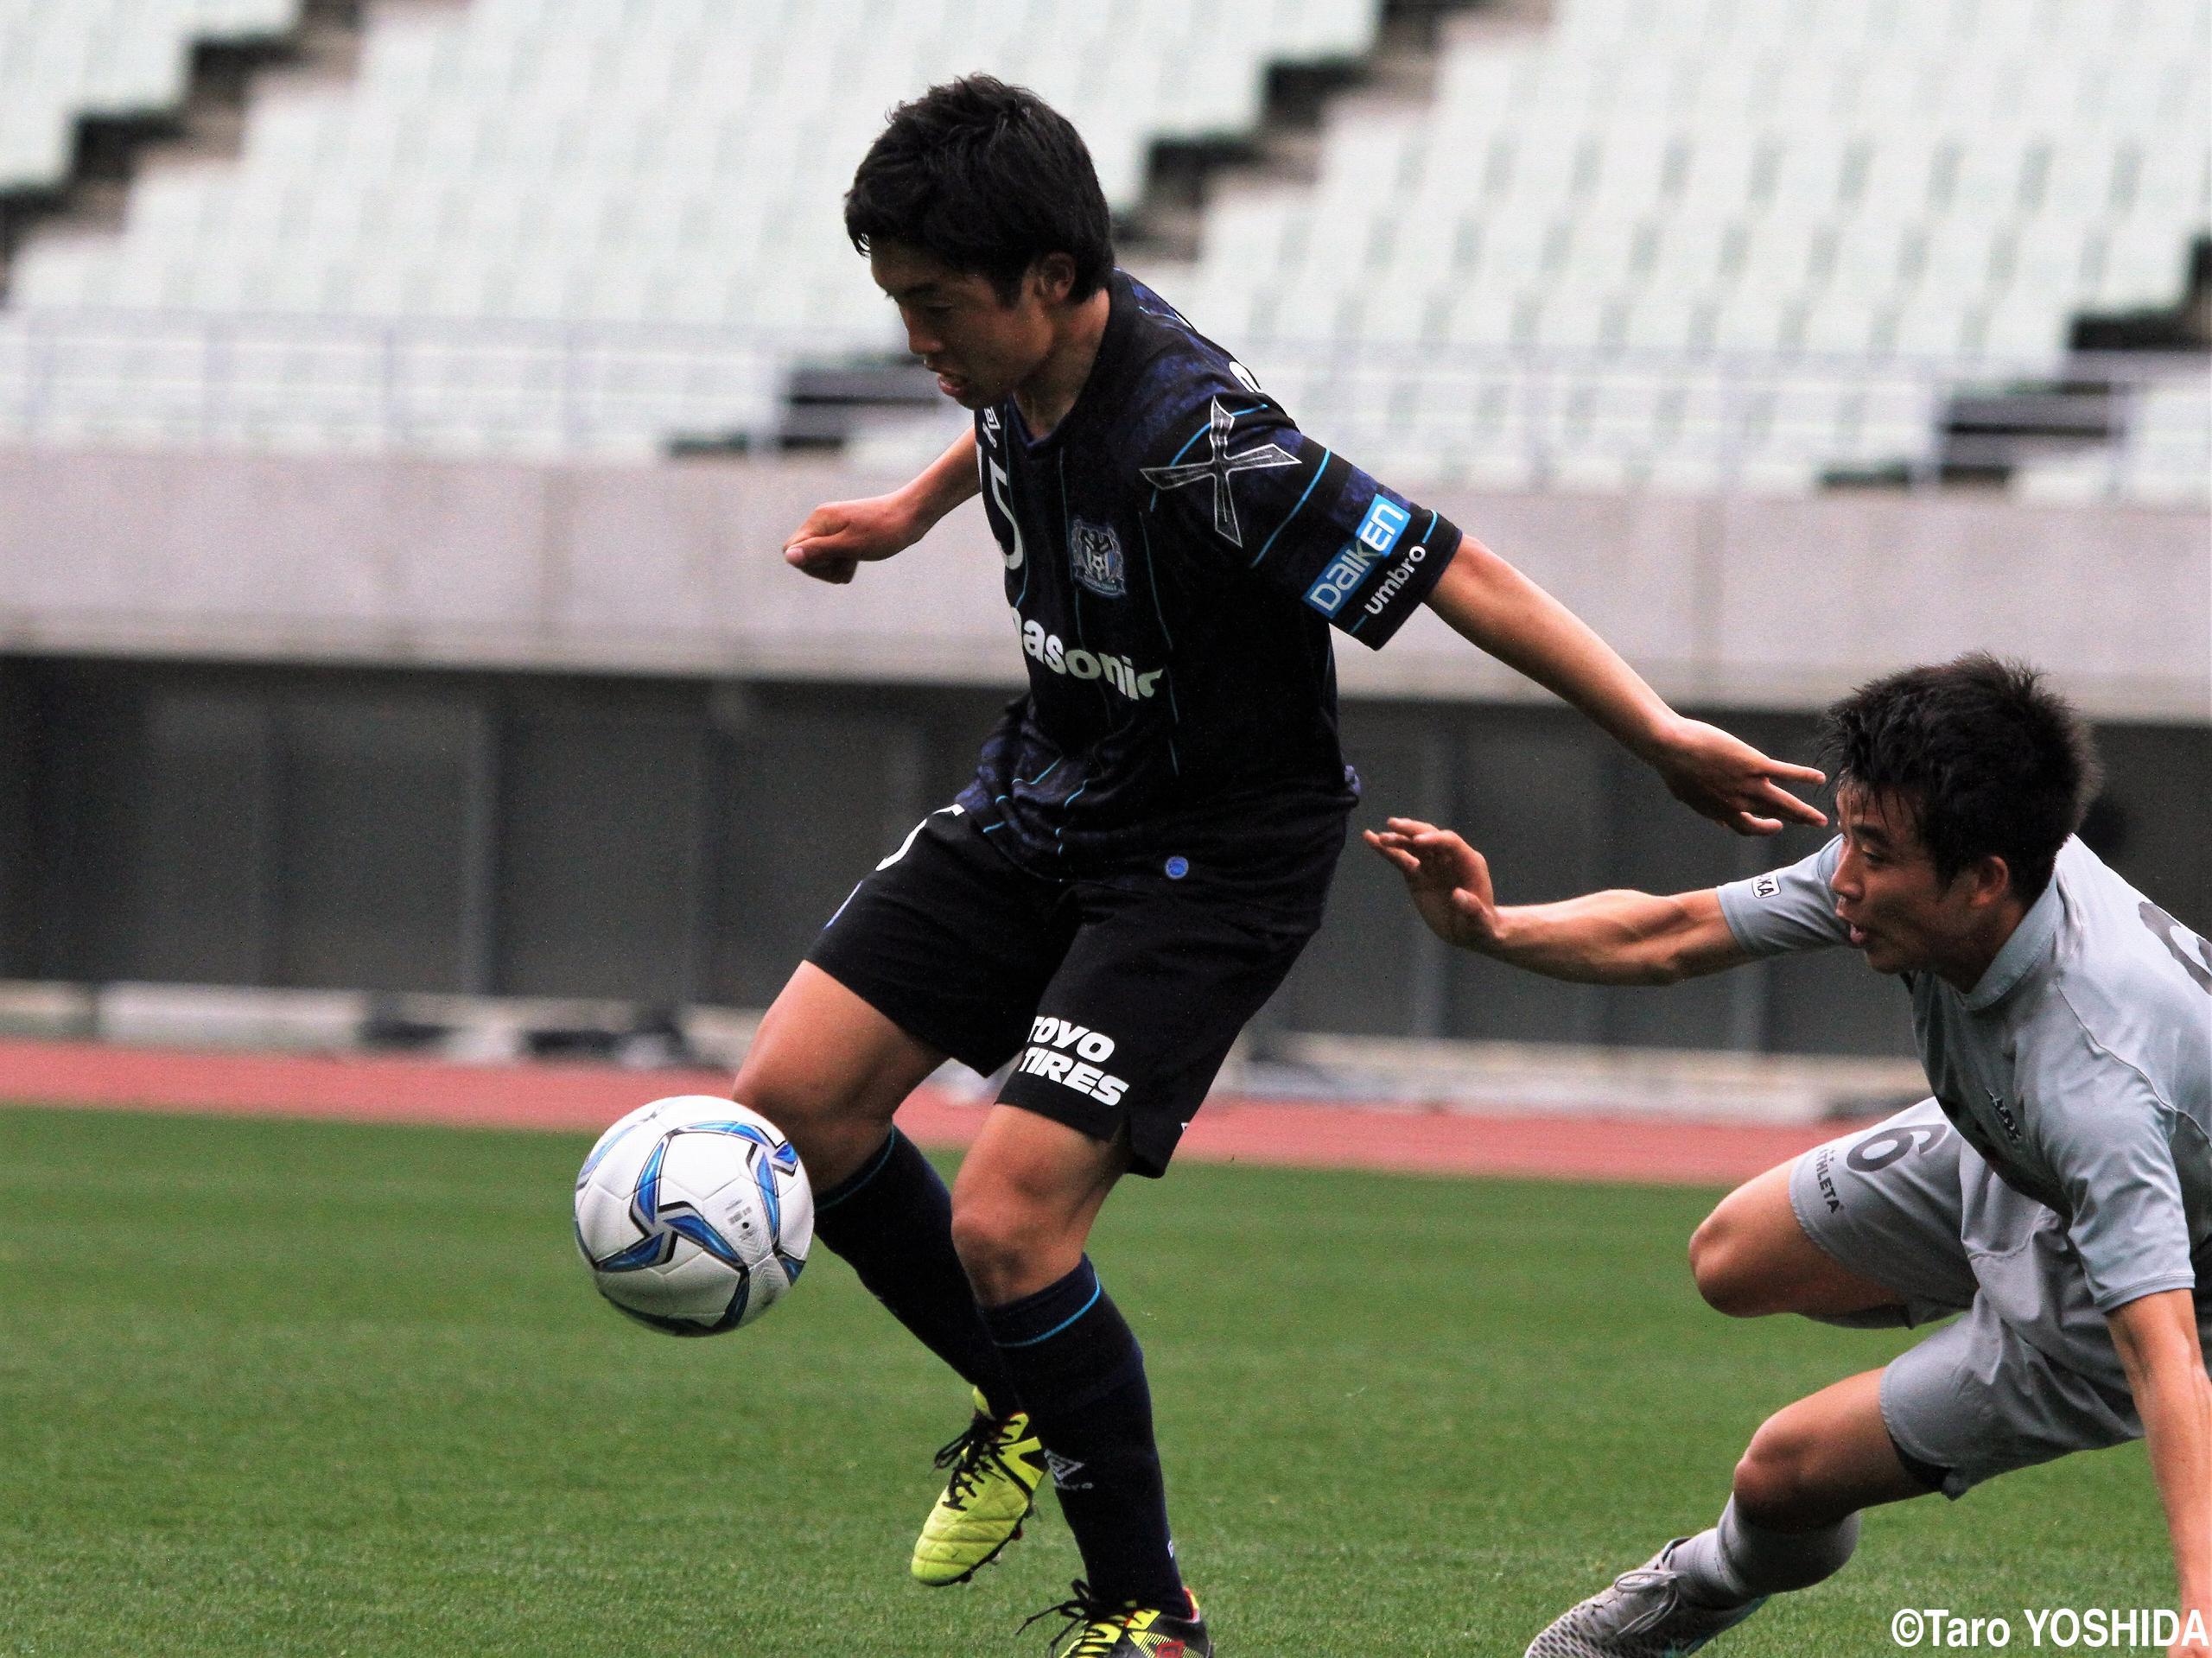 [プレミアリーグWEST]アピール続けたG大阪ユースMF奥野耕平、U-17日本代表初選出(4枚)